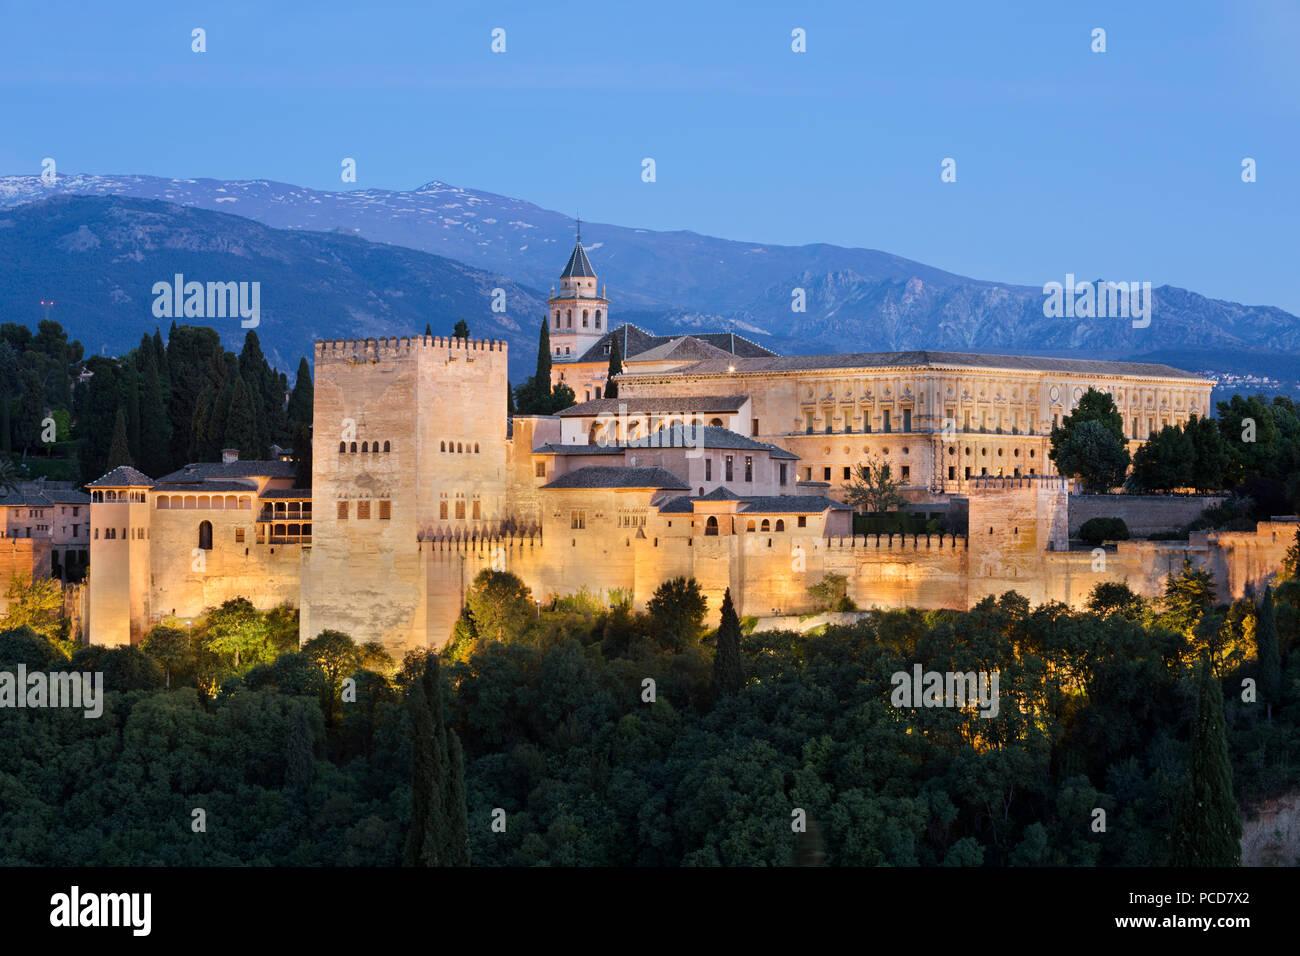 L'Alhambra, Site du patrimoine mondial de l'UNESCO, et les montagnes de la Sierra Nevada de Mirador de San Nicolas, Grenade, Andalousie, Espagne, Europe Banque D'Images